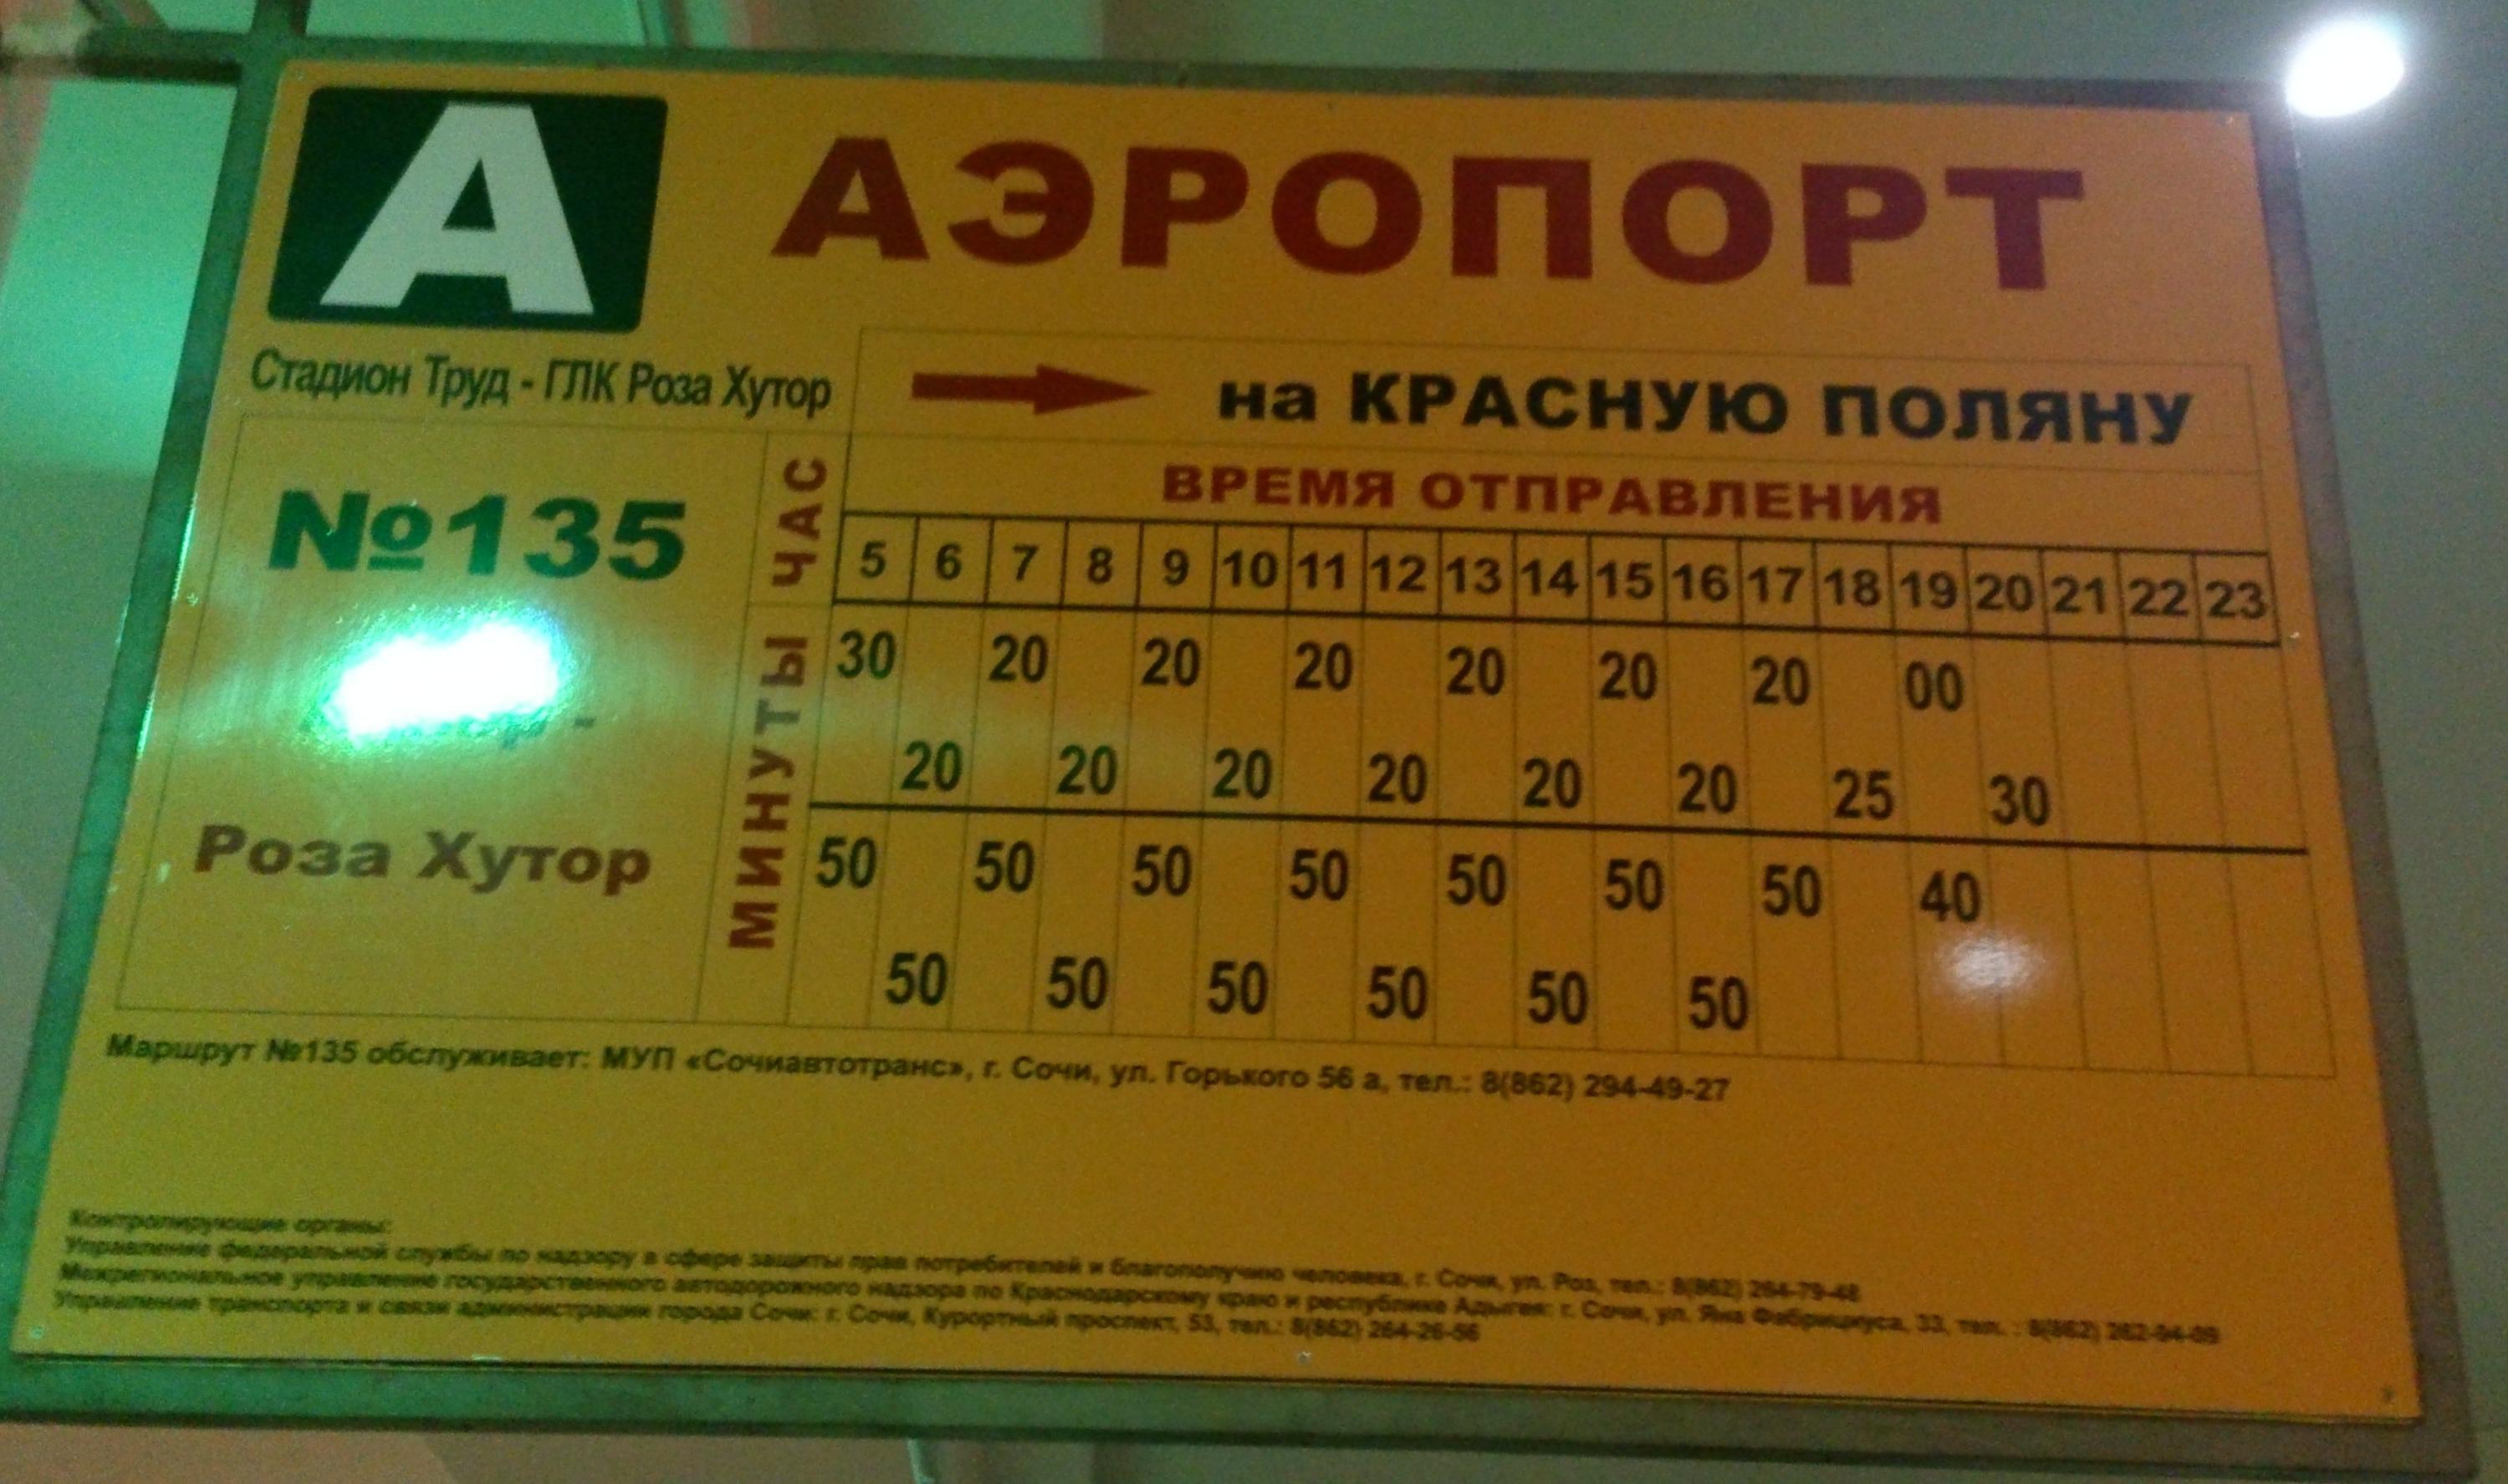 Расписание автобусов на роза хутор